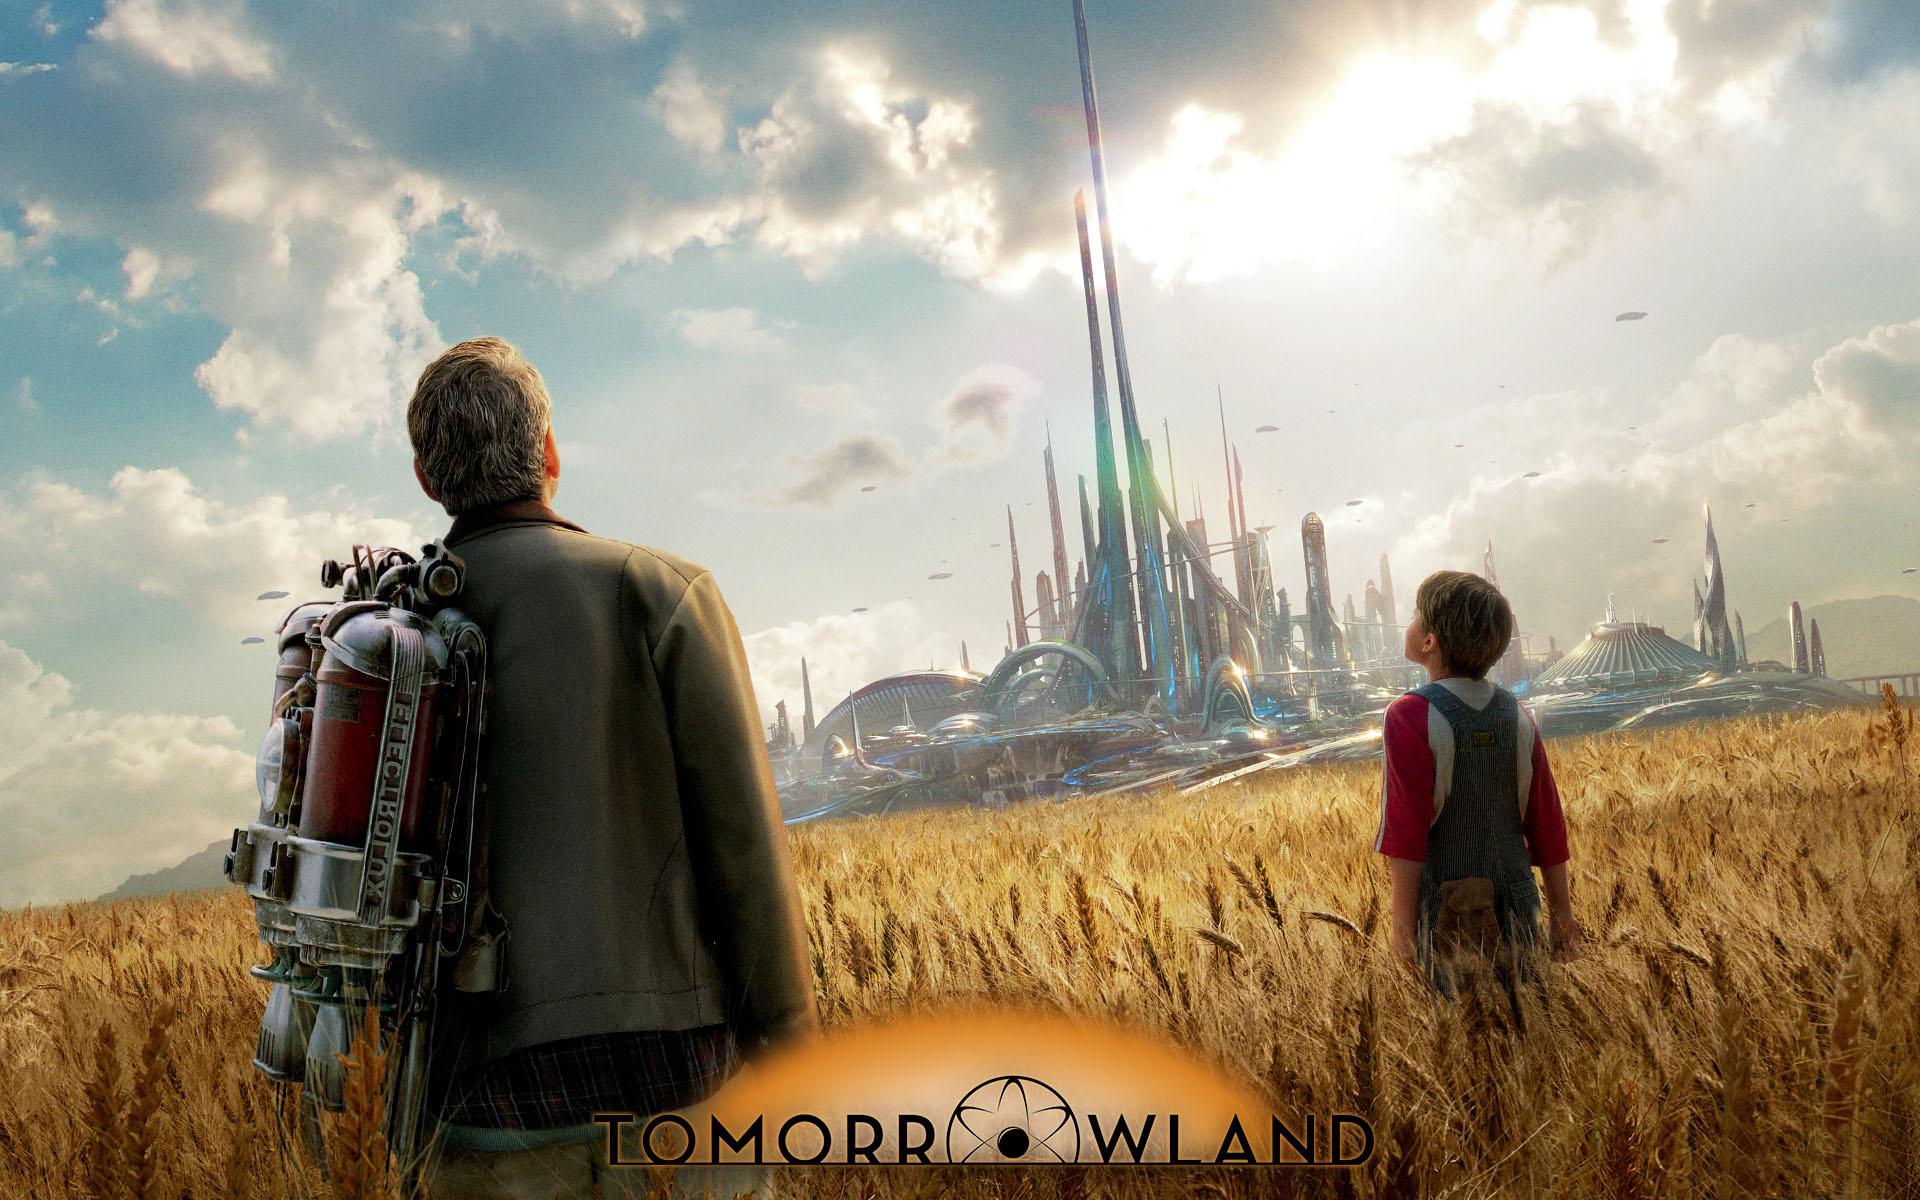 دانلود فیلم سرزمین آینده